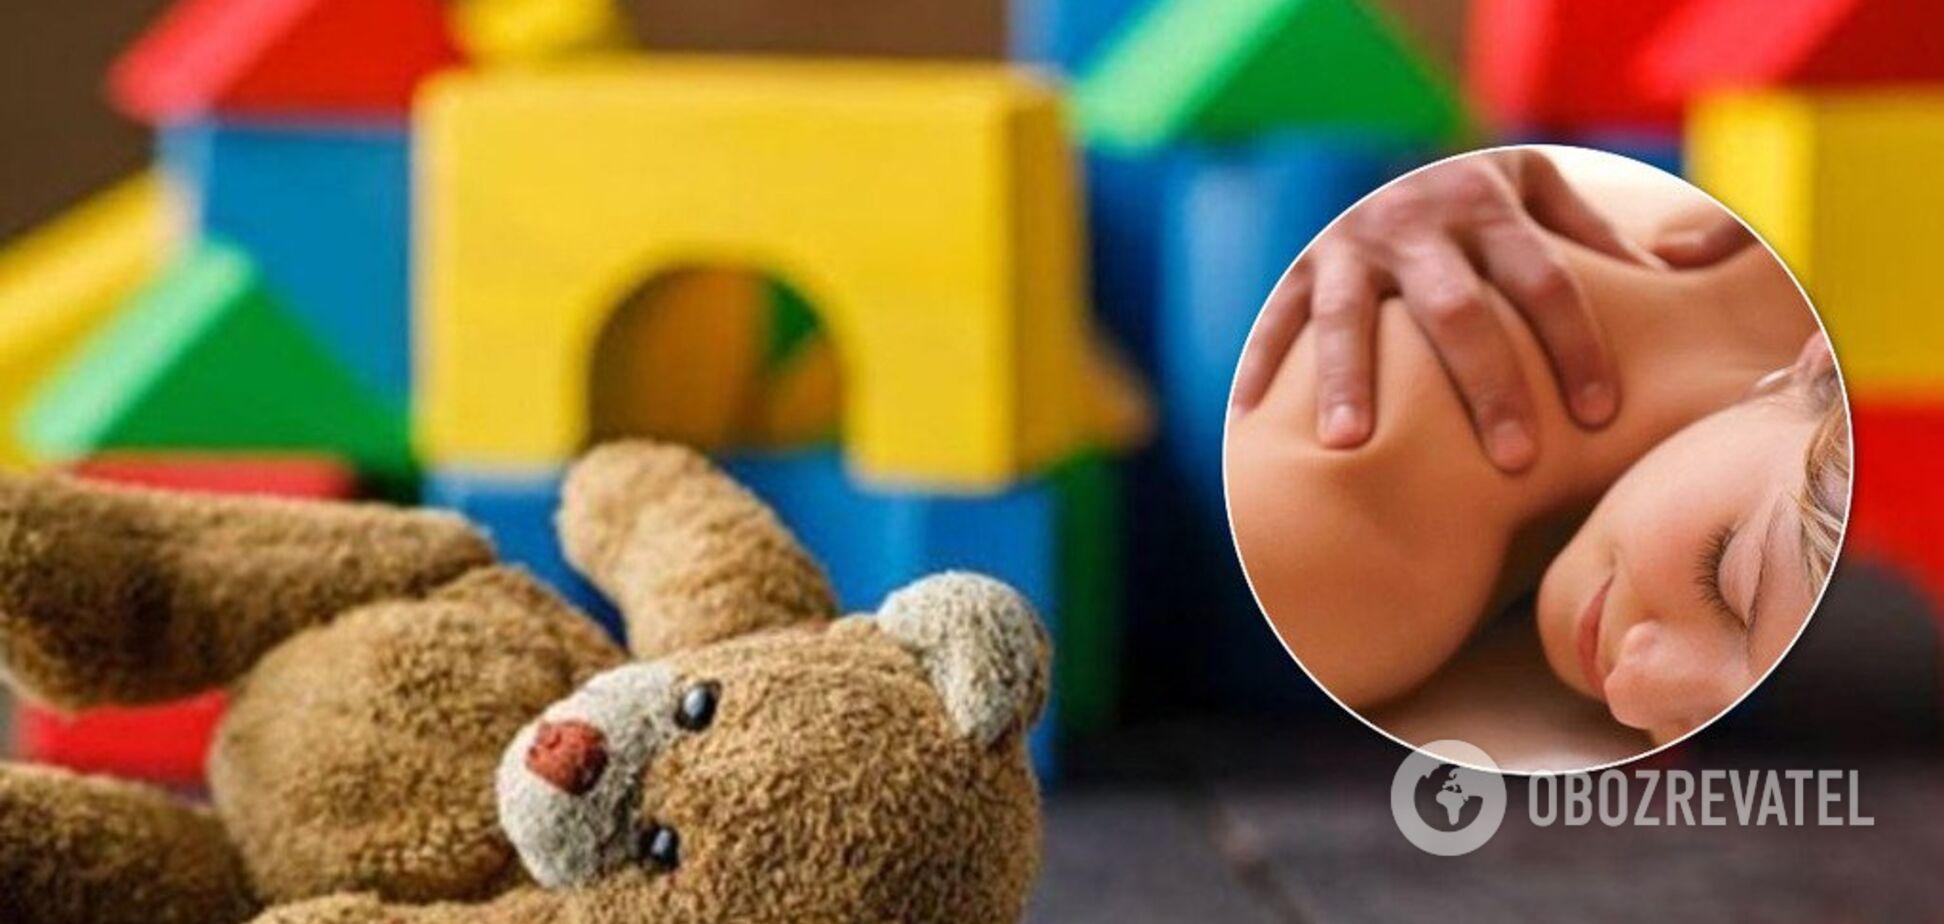 'Такі ігри зближують': у Чернівцях вихователька змусила дітей робити їй масаж